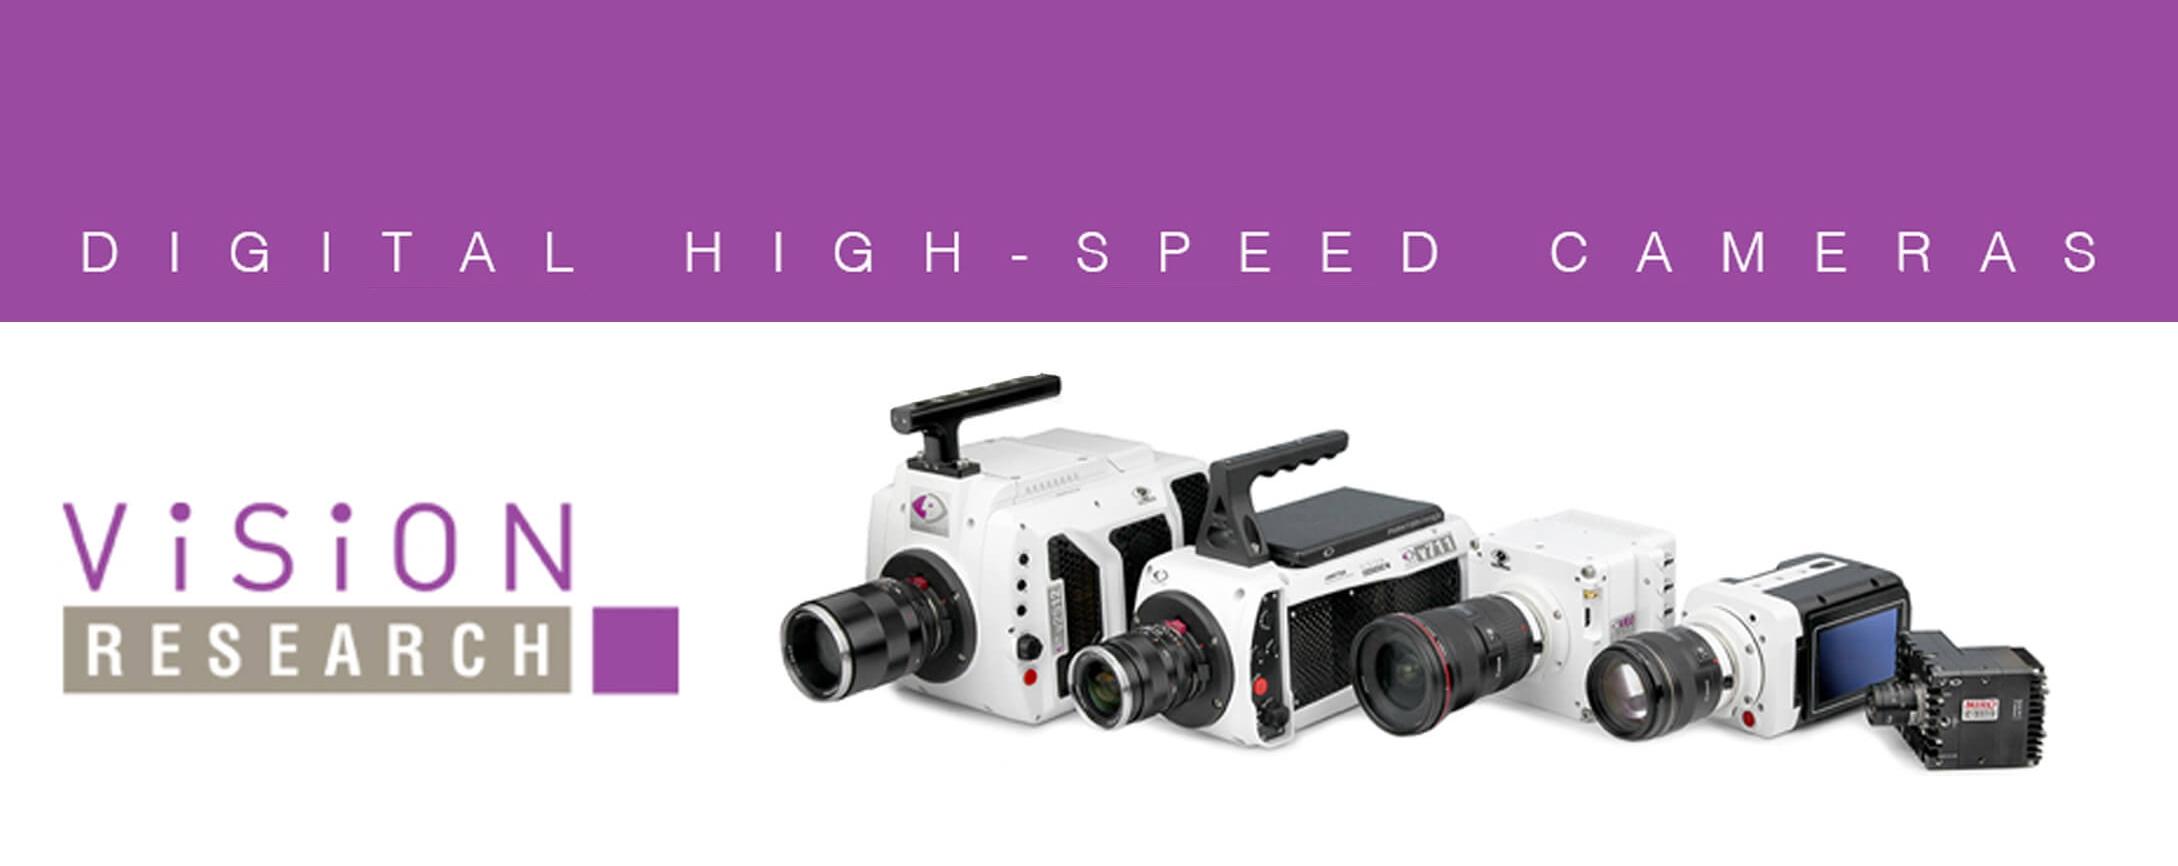 telecamere phantom vision research,telecamere alta velocità